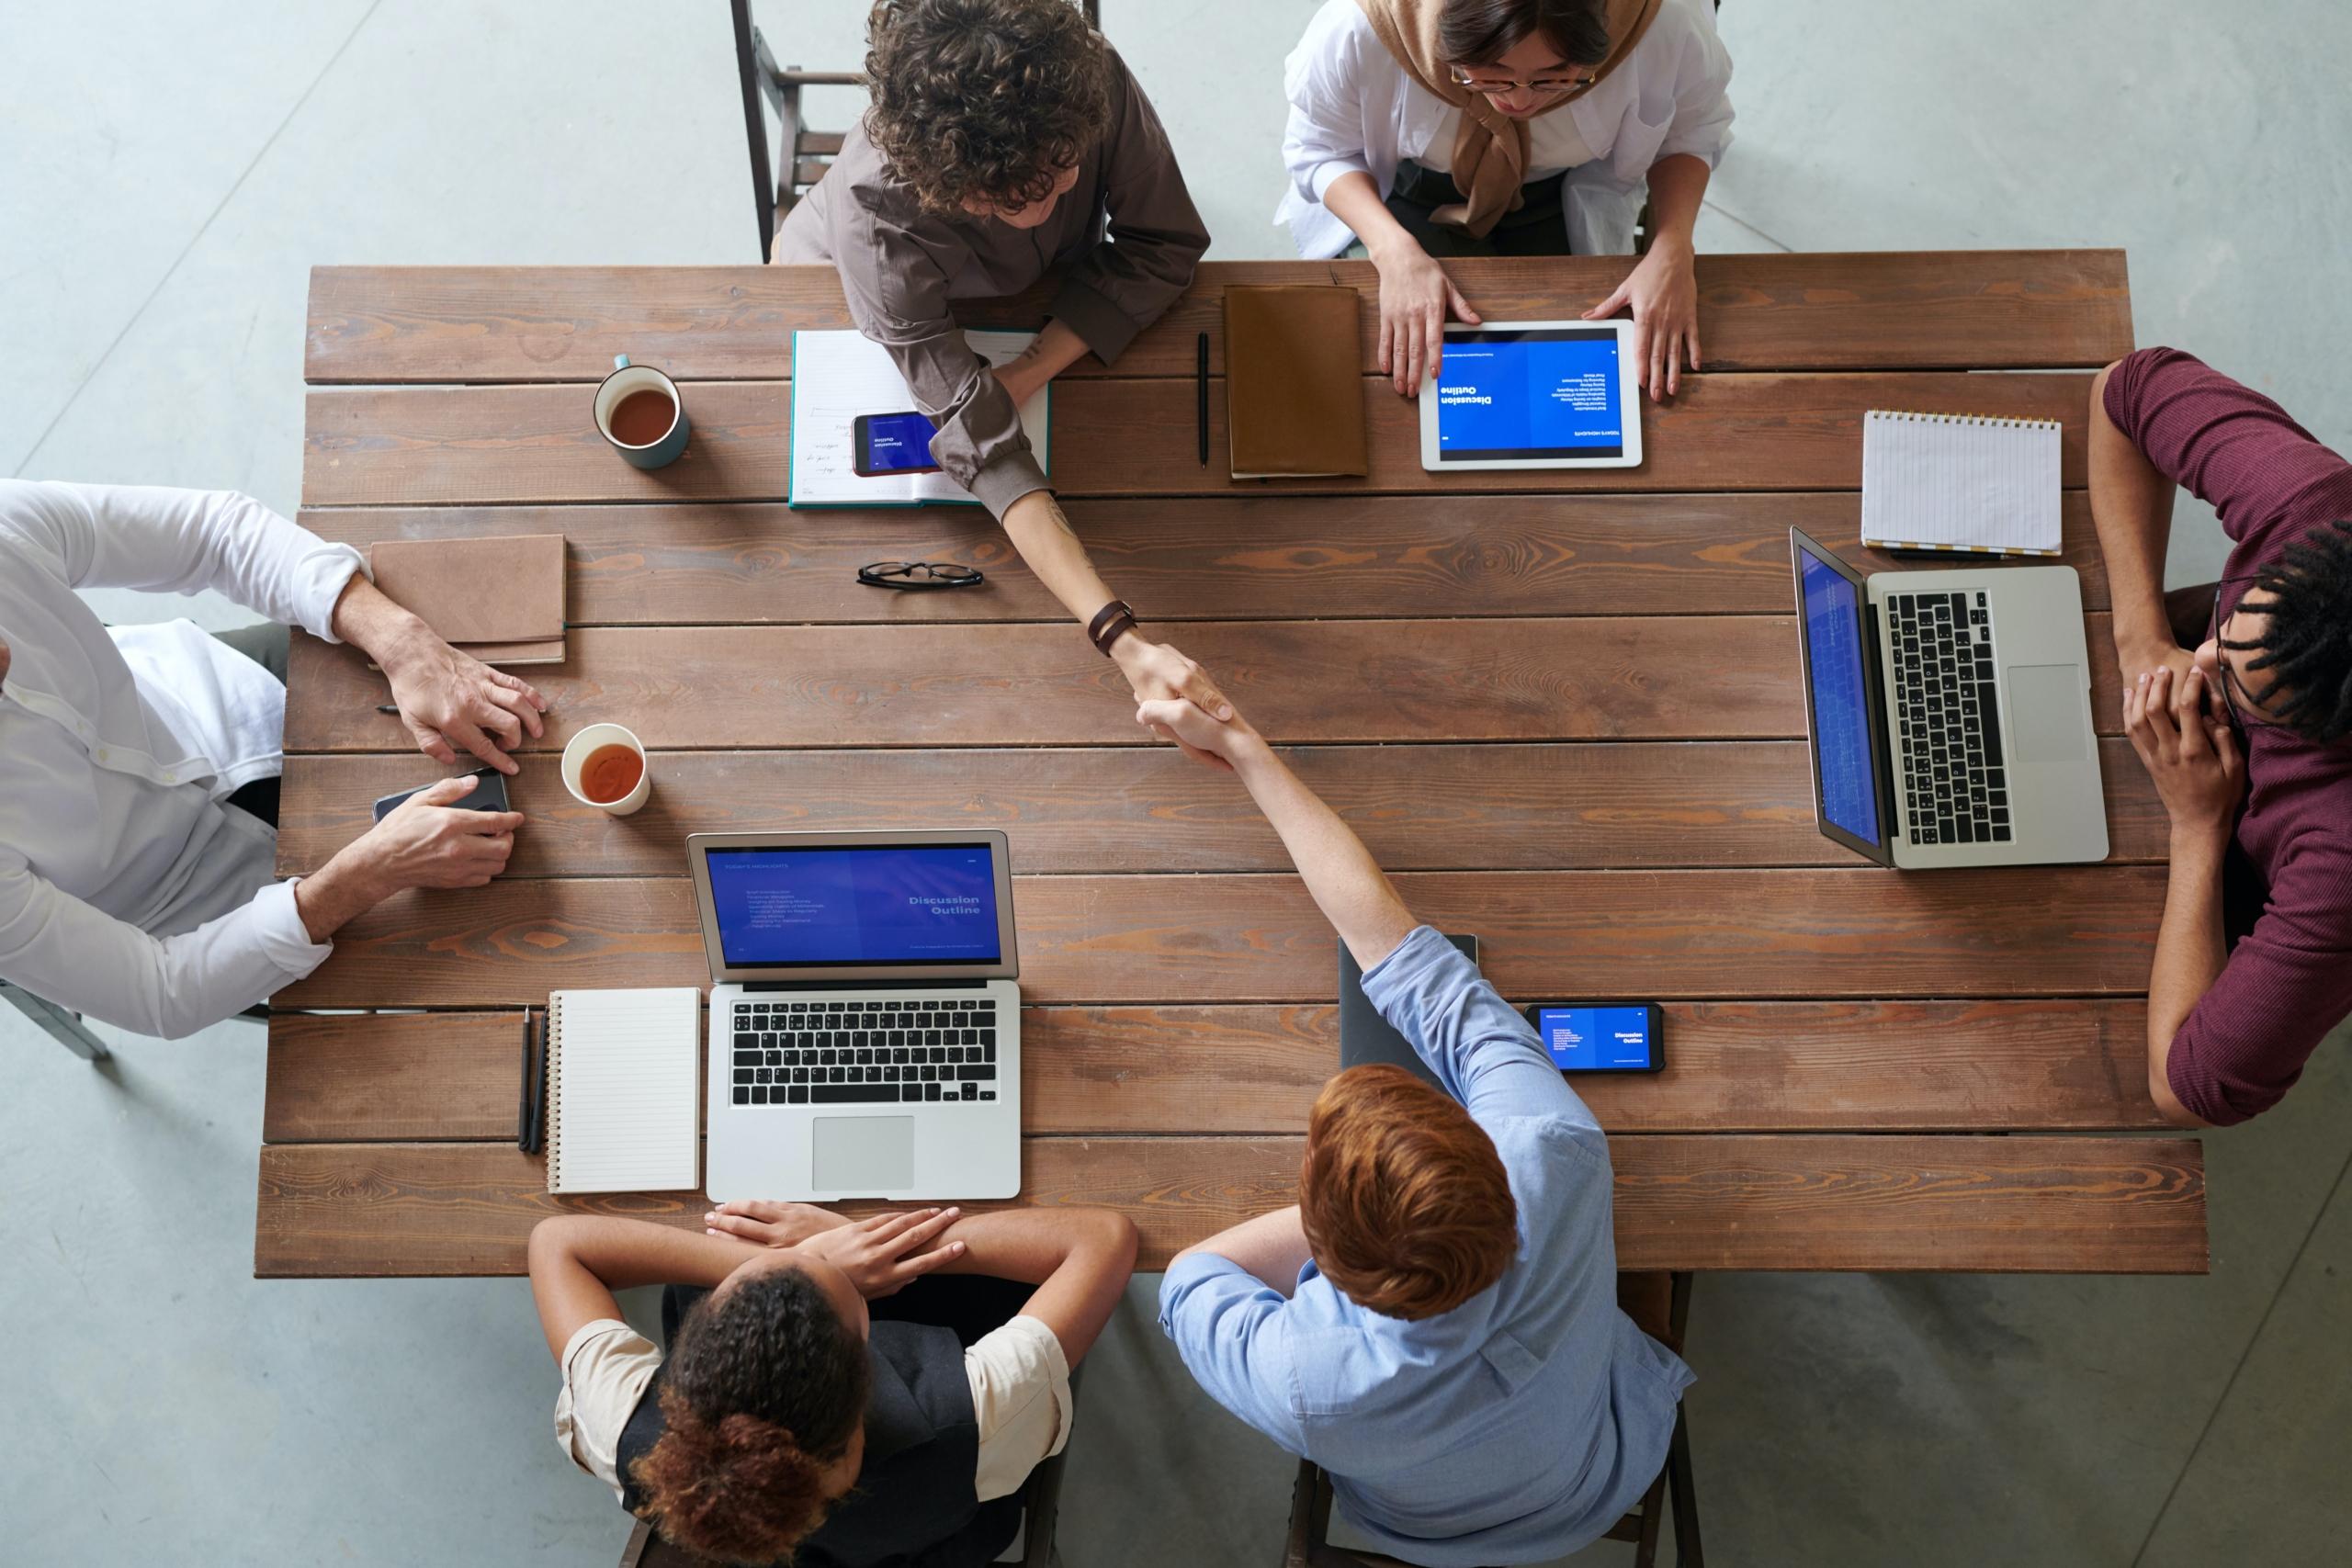 Teamwork Workspace